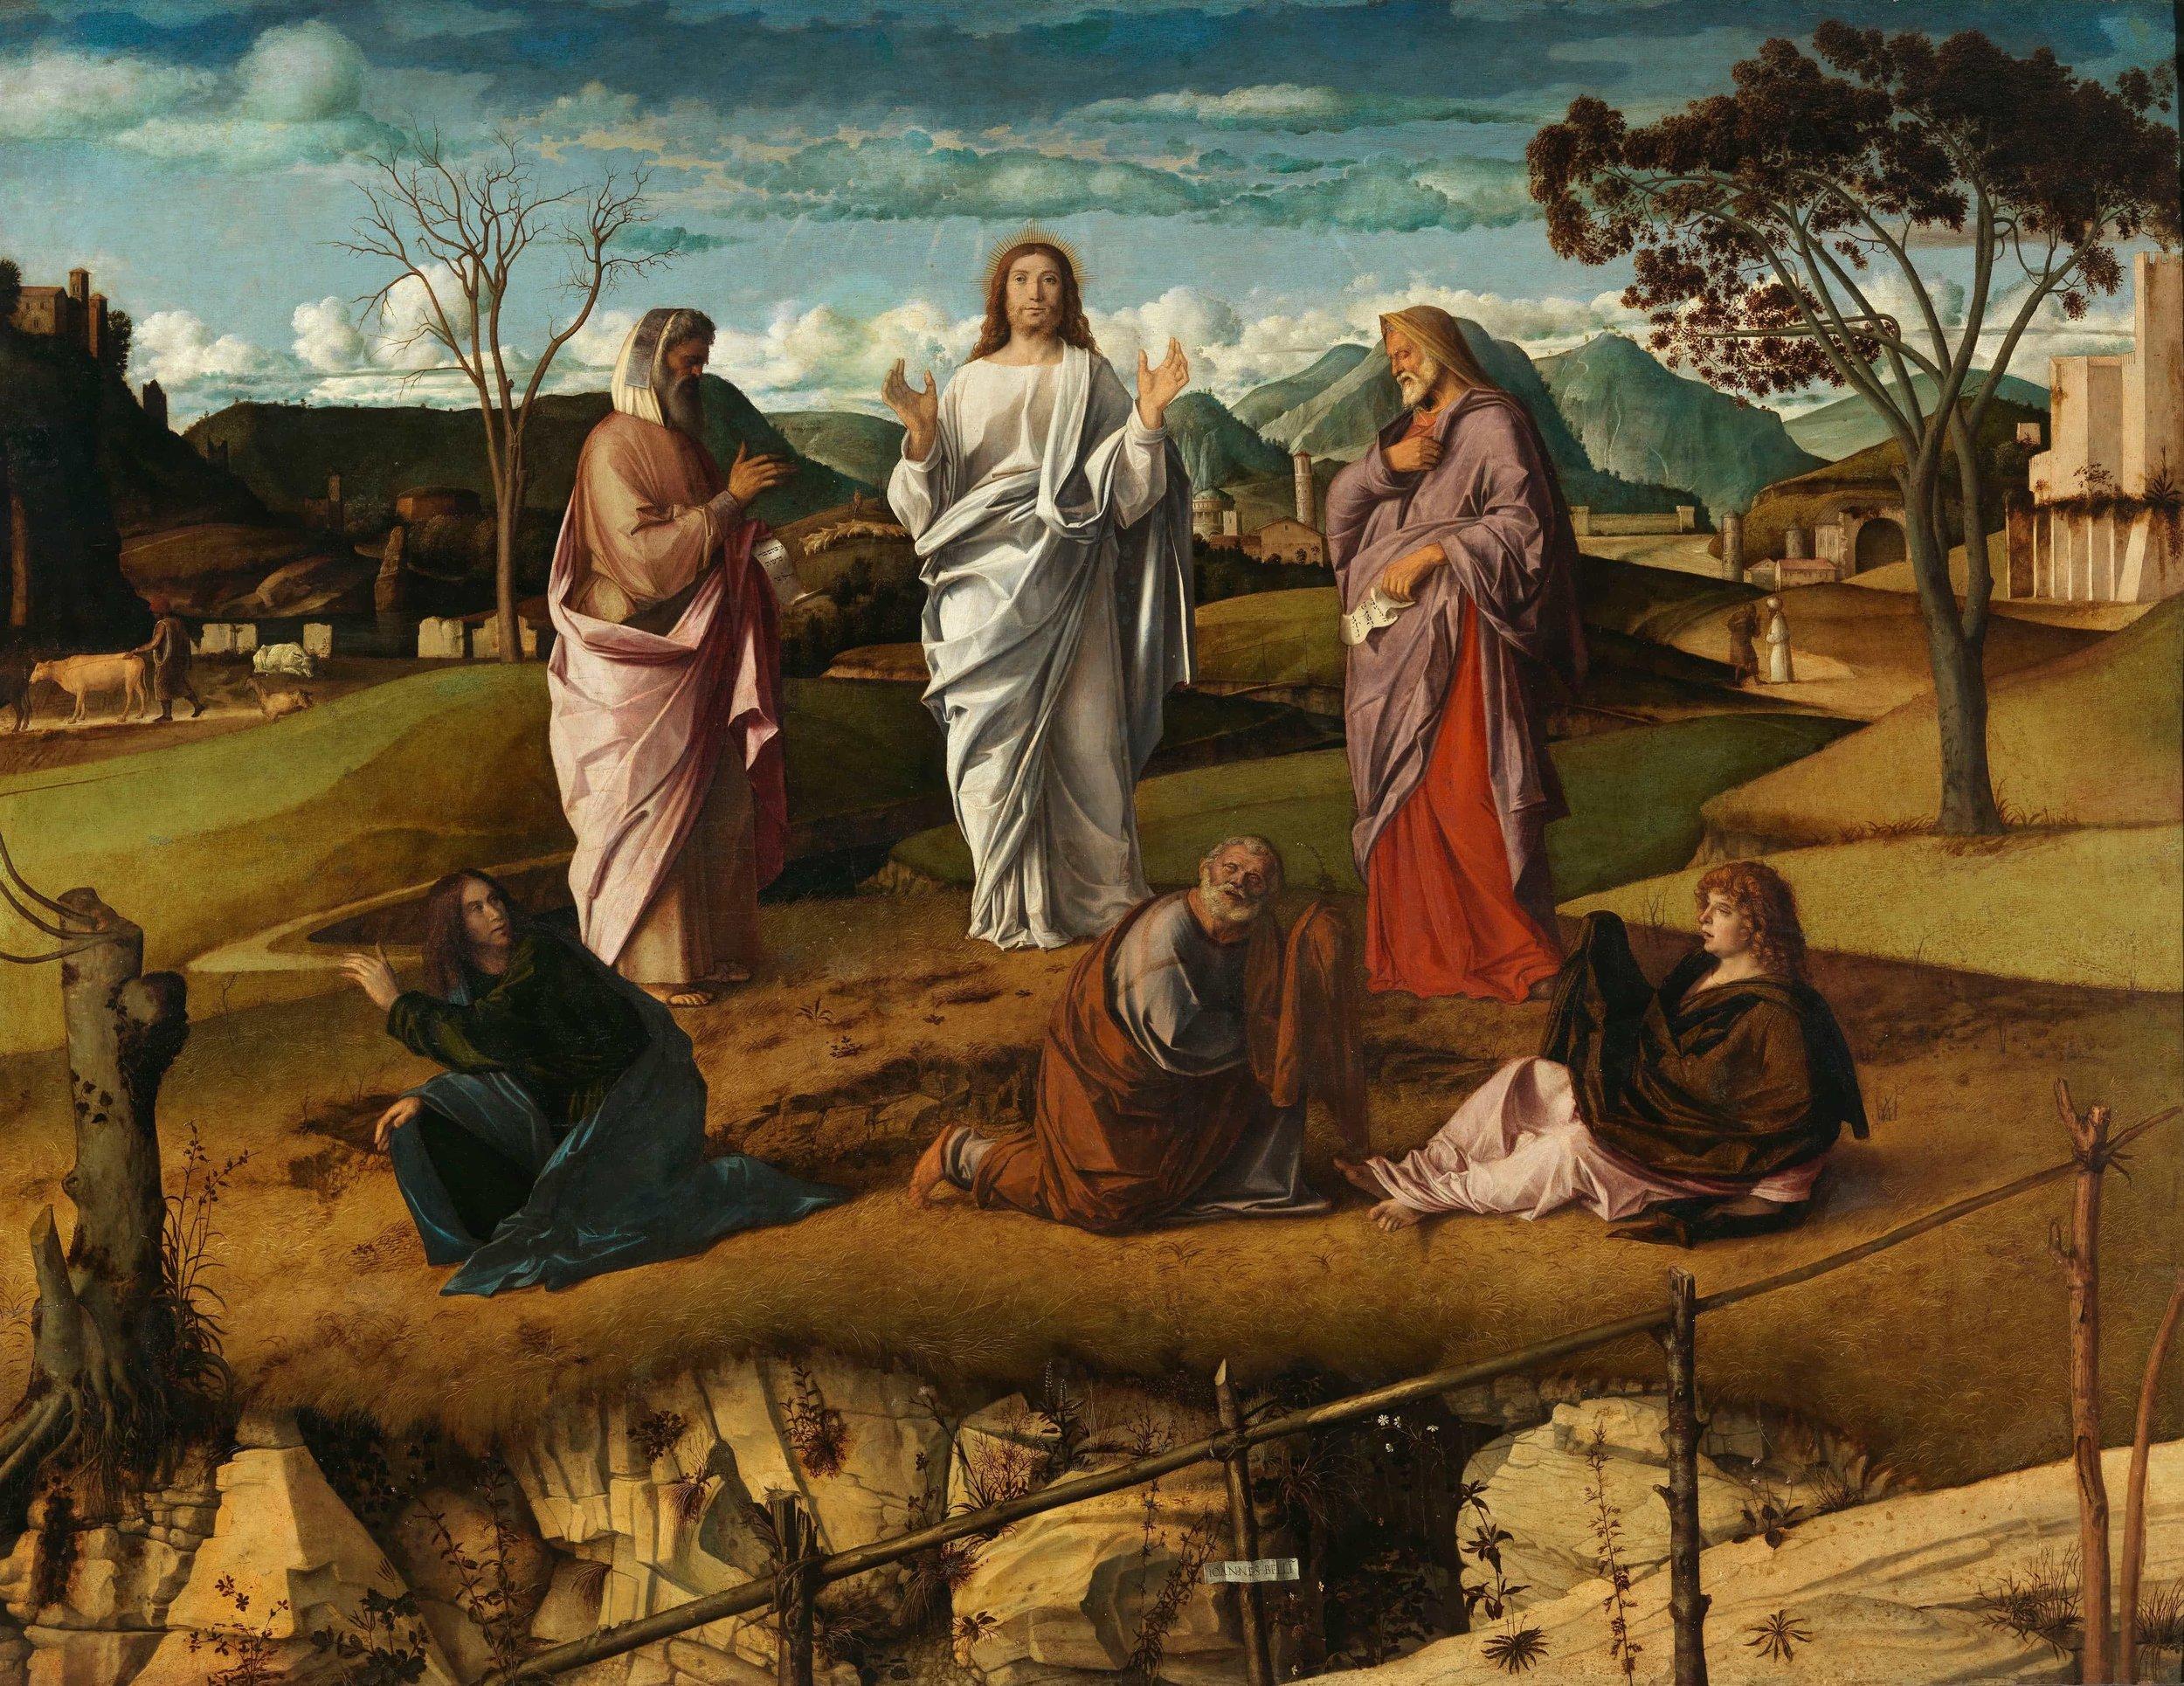 Giovanni Bellini, Transfiguration (1478-79)